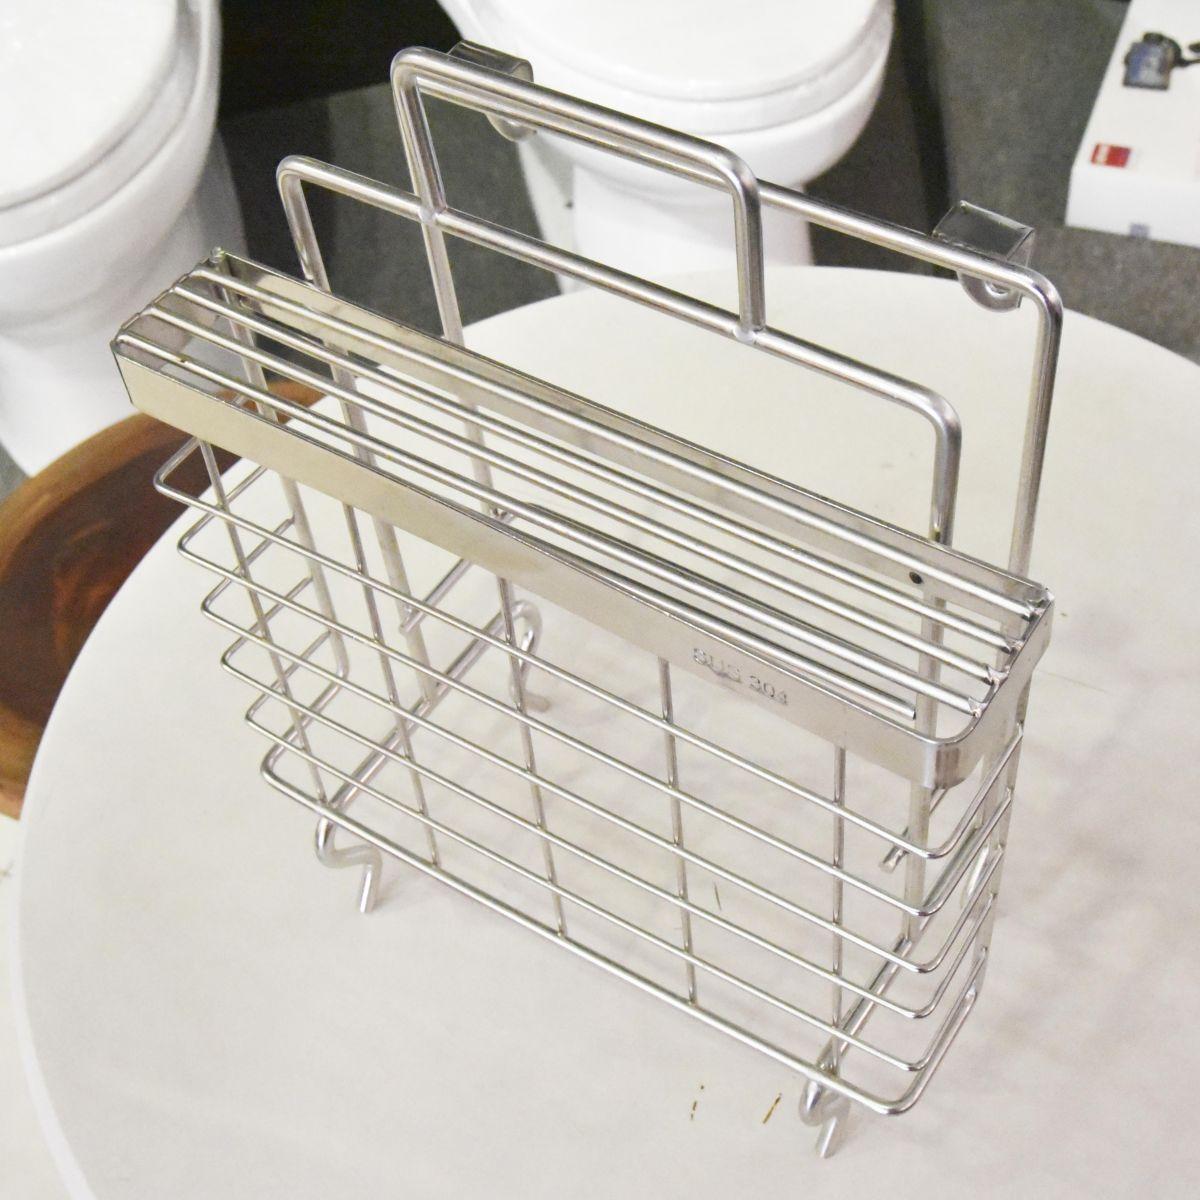 Kệ để thớt inox Outlet 01 là sản phẩm thiết bị vệ sinh outlet, xả kho, thanh lý một số mặt hàng trưng bày, giá khuyến mãi cực kỳ hấp dẫn, đến ngay showroom Hita tại Tphcm